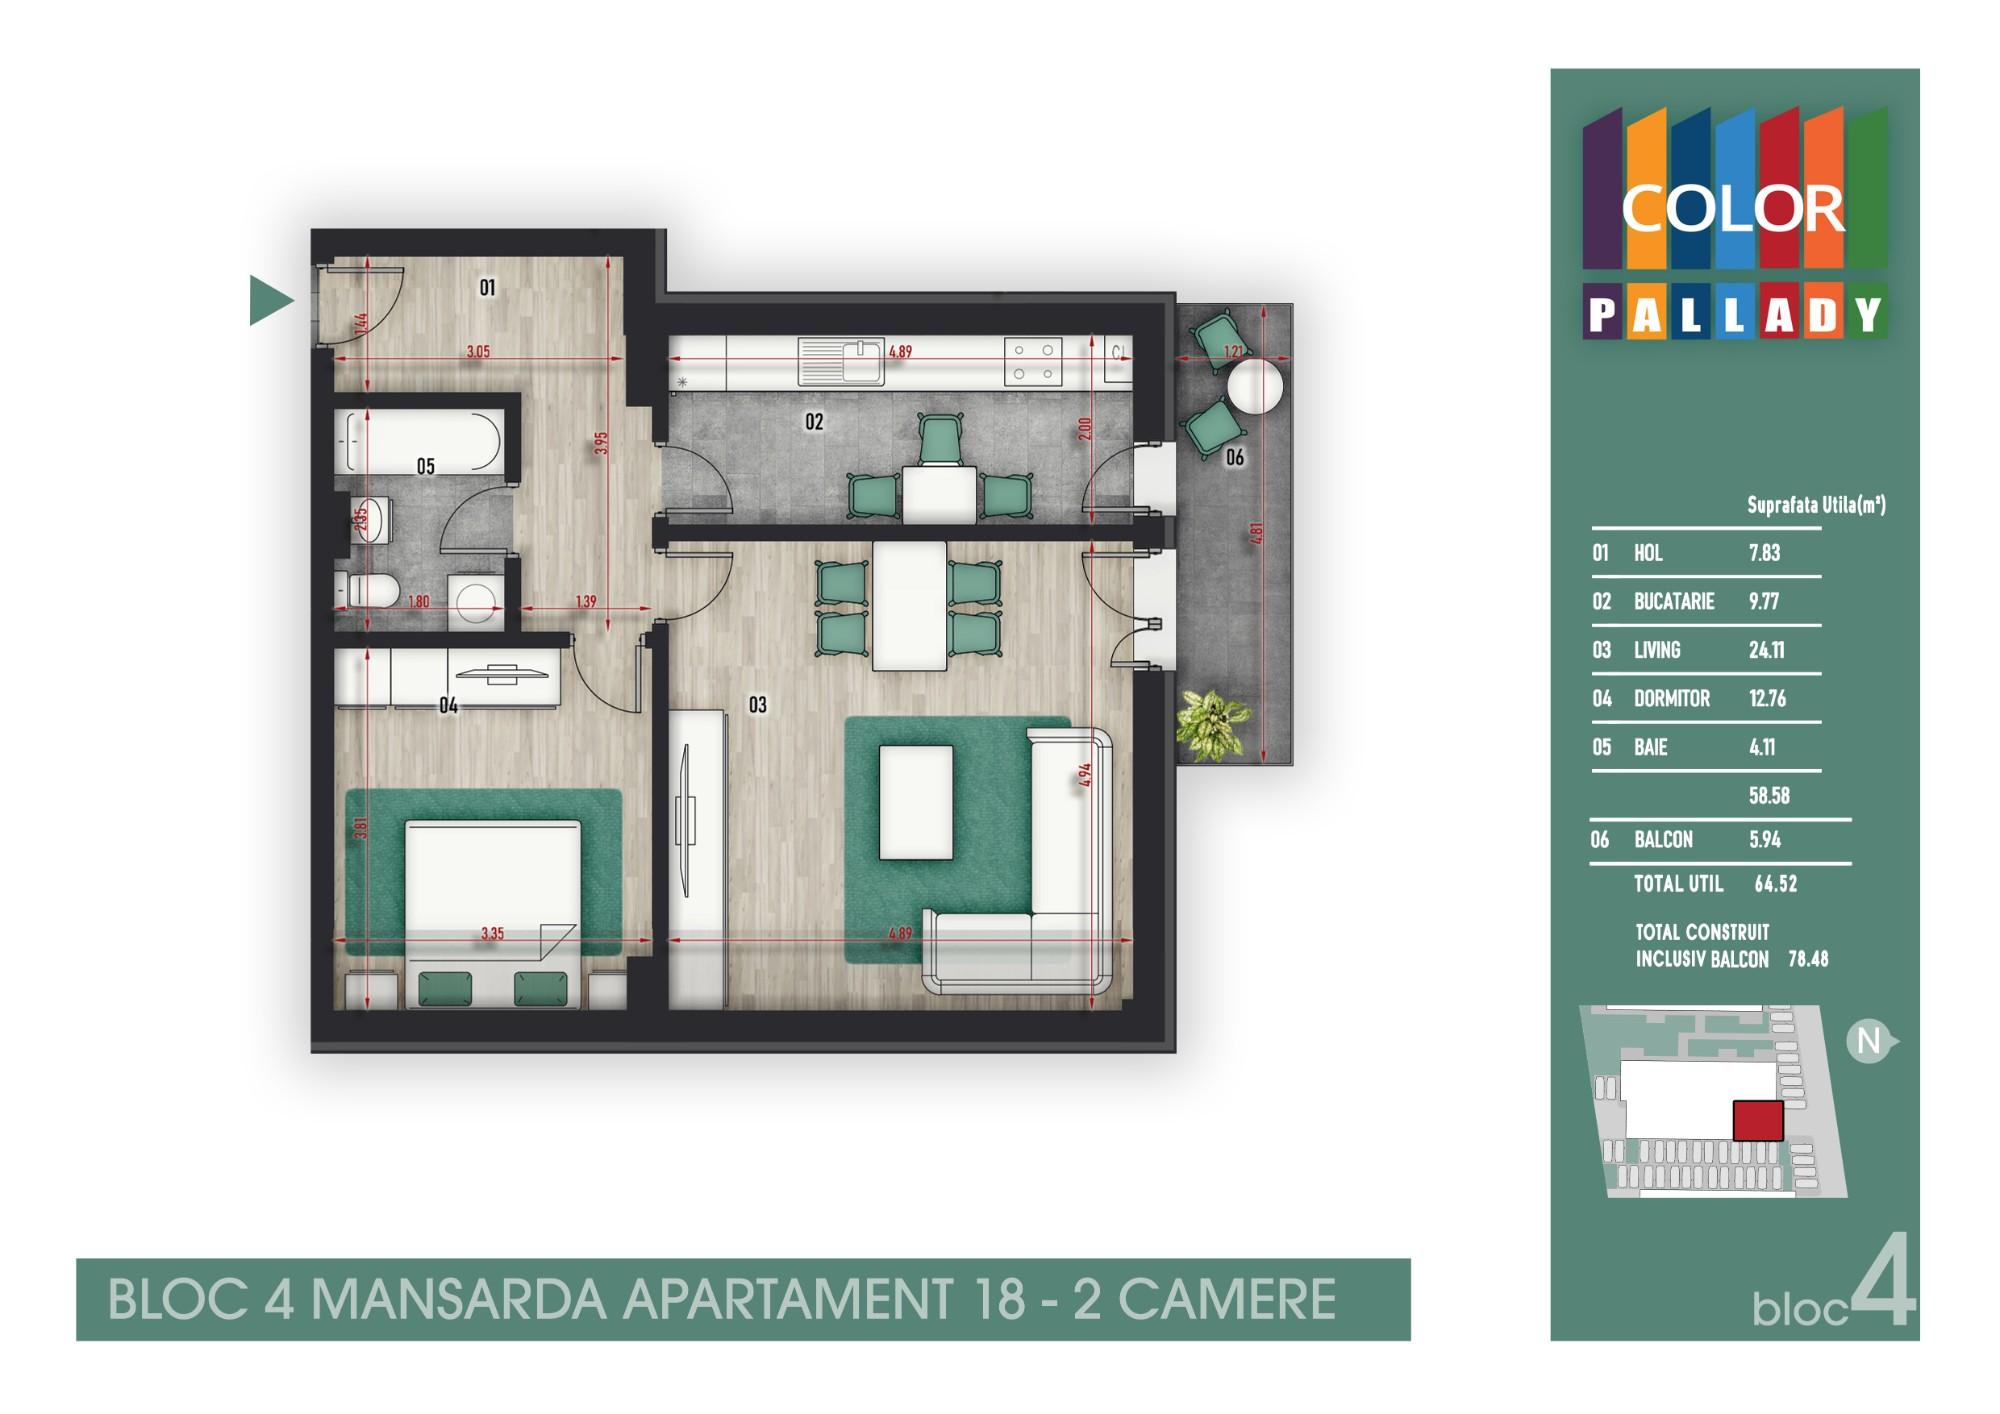 Bloc 4 - Mansarda - Apartament 18